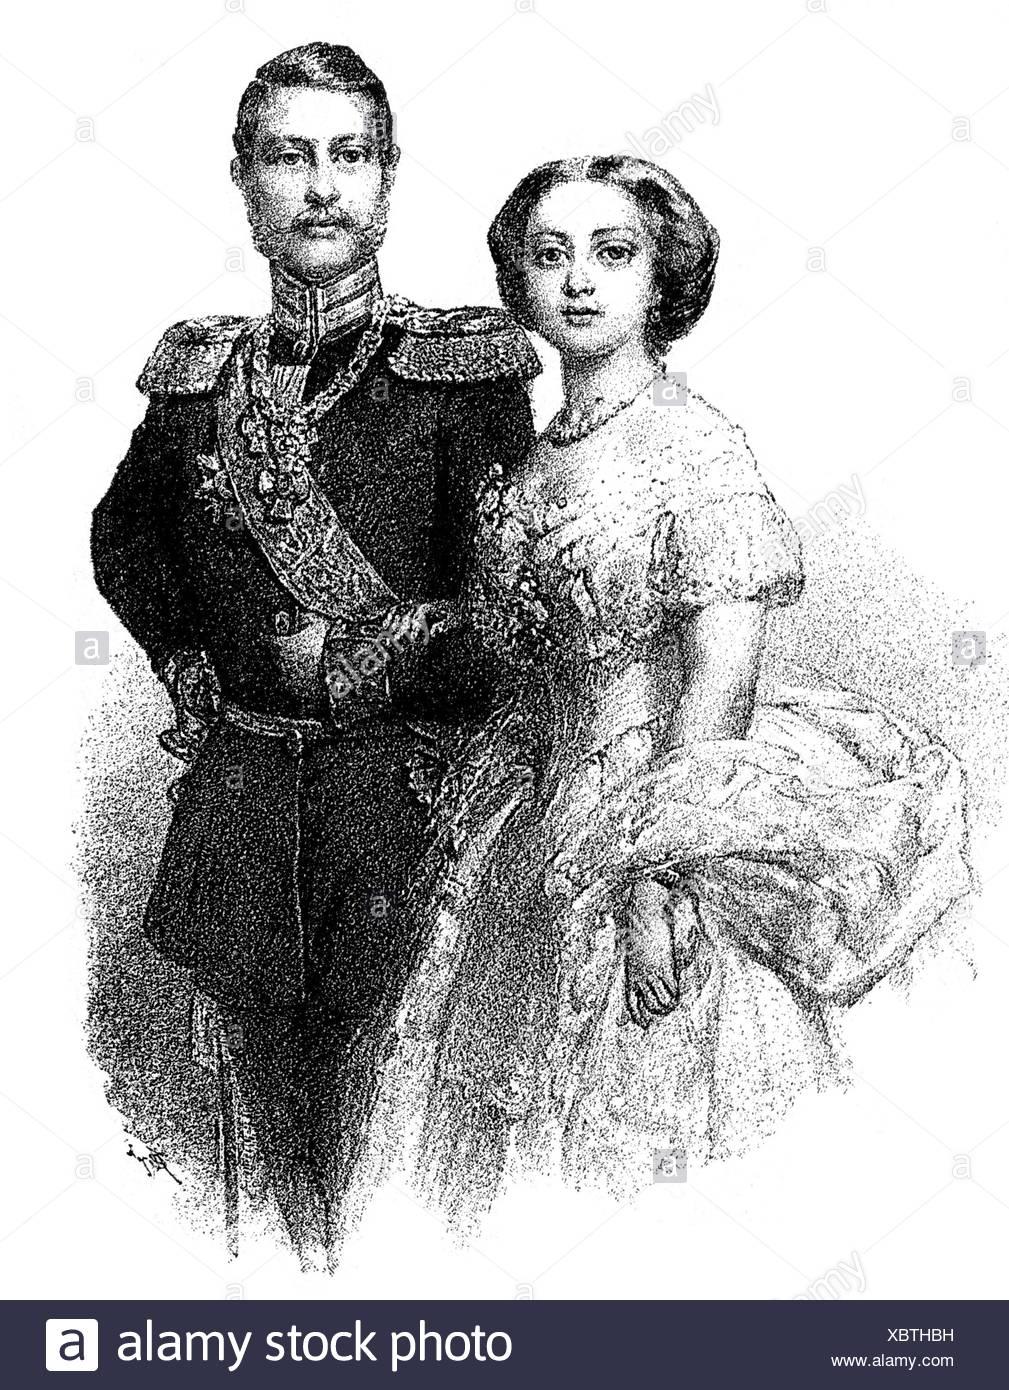 Federico Iii, 18.10.1831 - 15.6.1888, Imperatore Tedesco 9.3. - 15.6.1888, mezza lunghezza, con moglie Victoria Adelaide, incisione in legno, 1857, Foto Stock